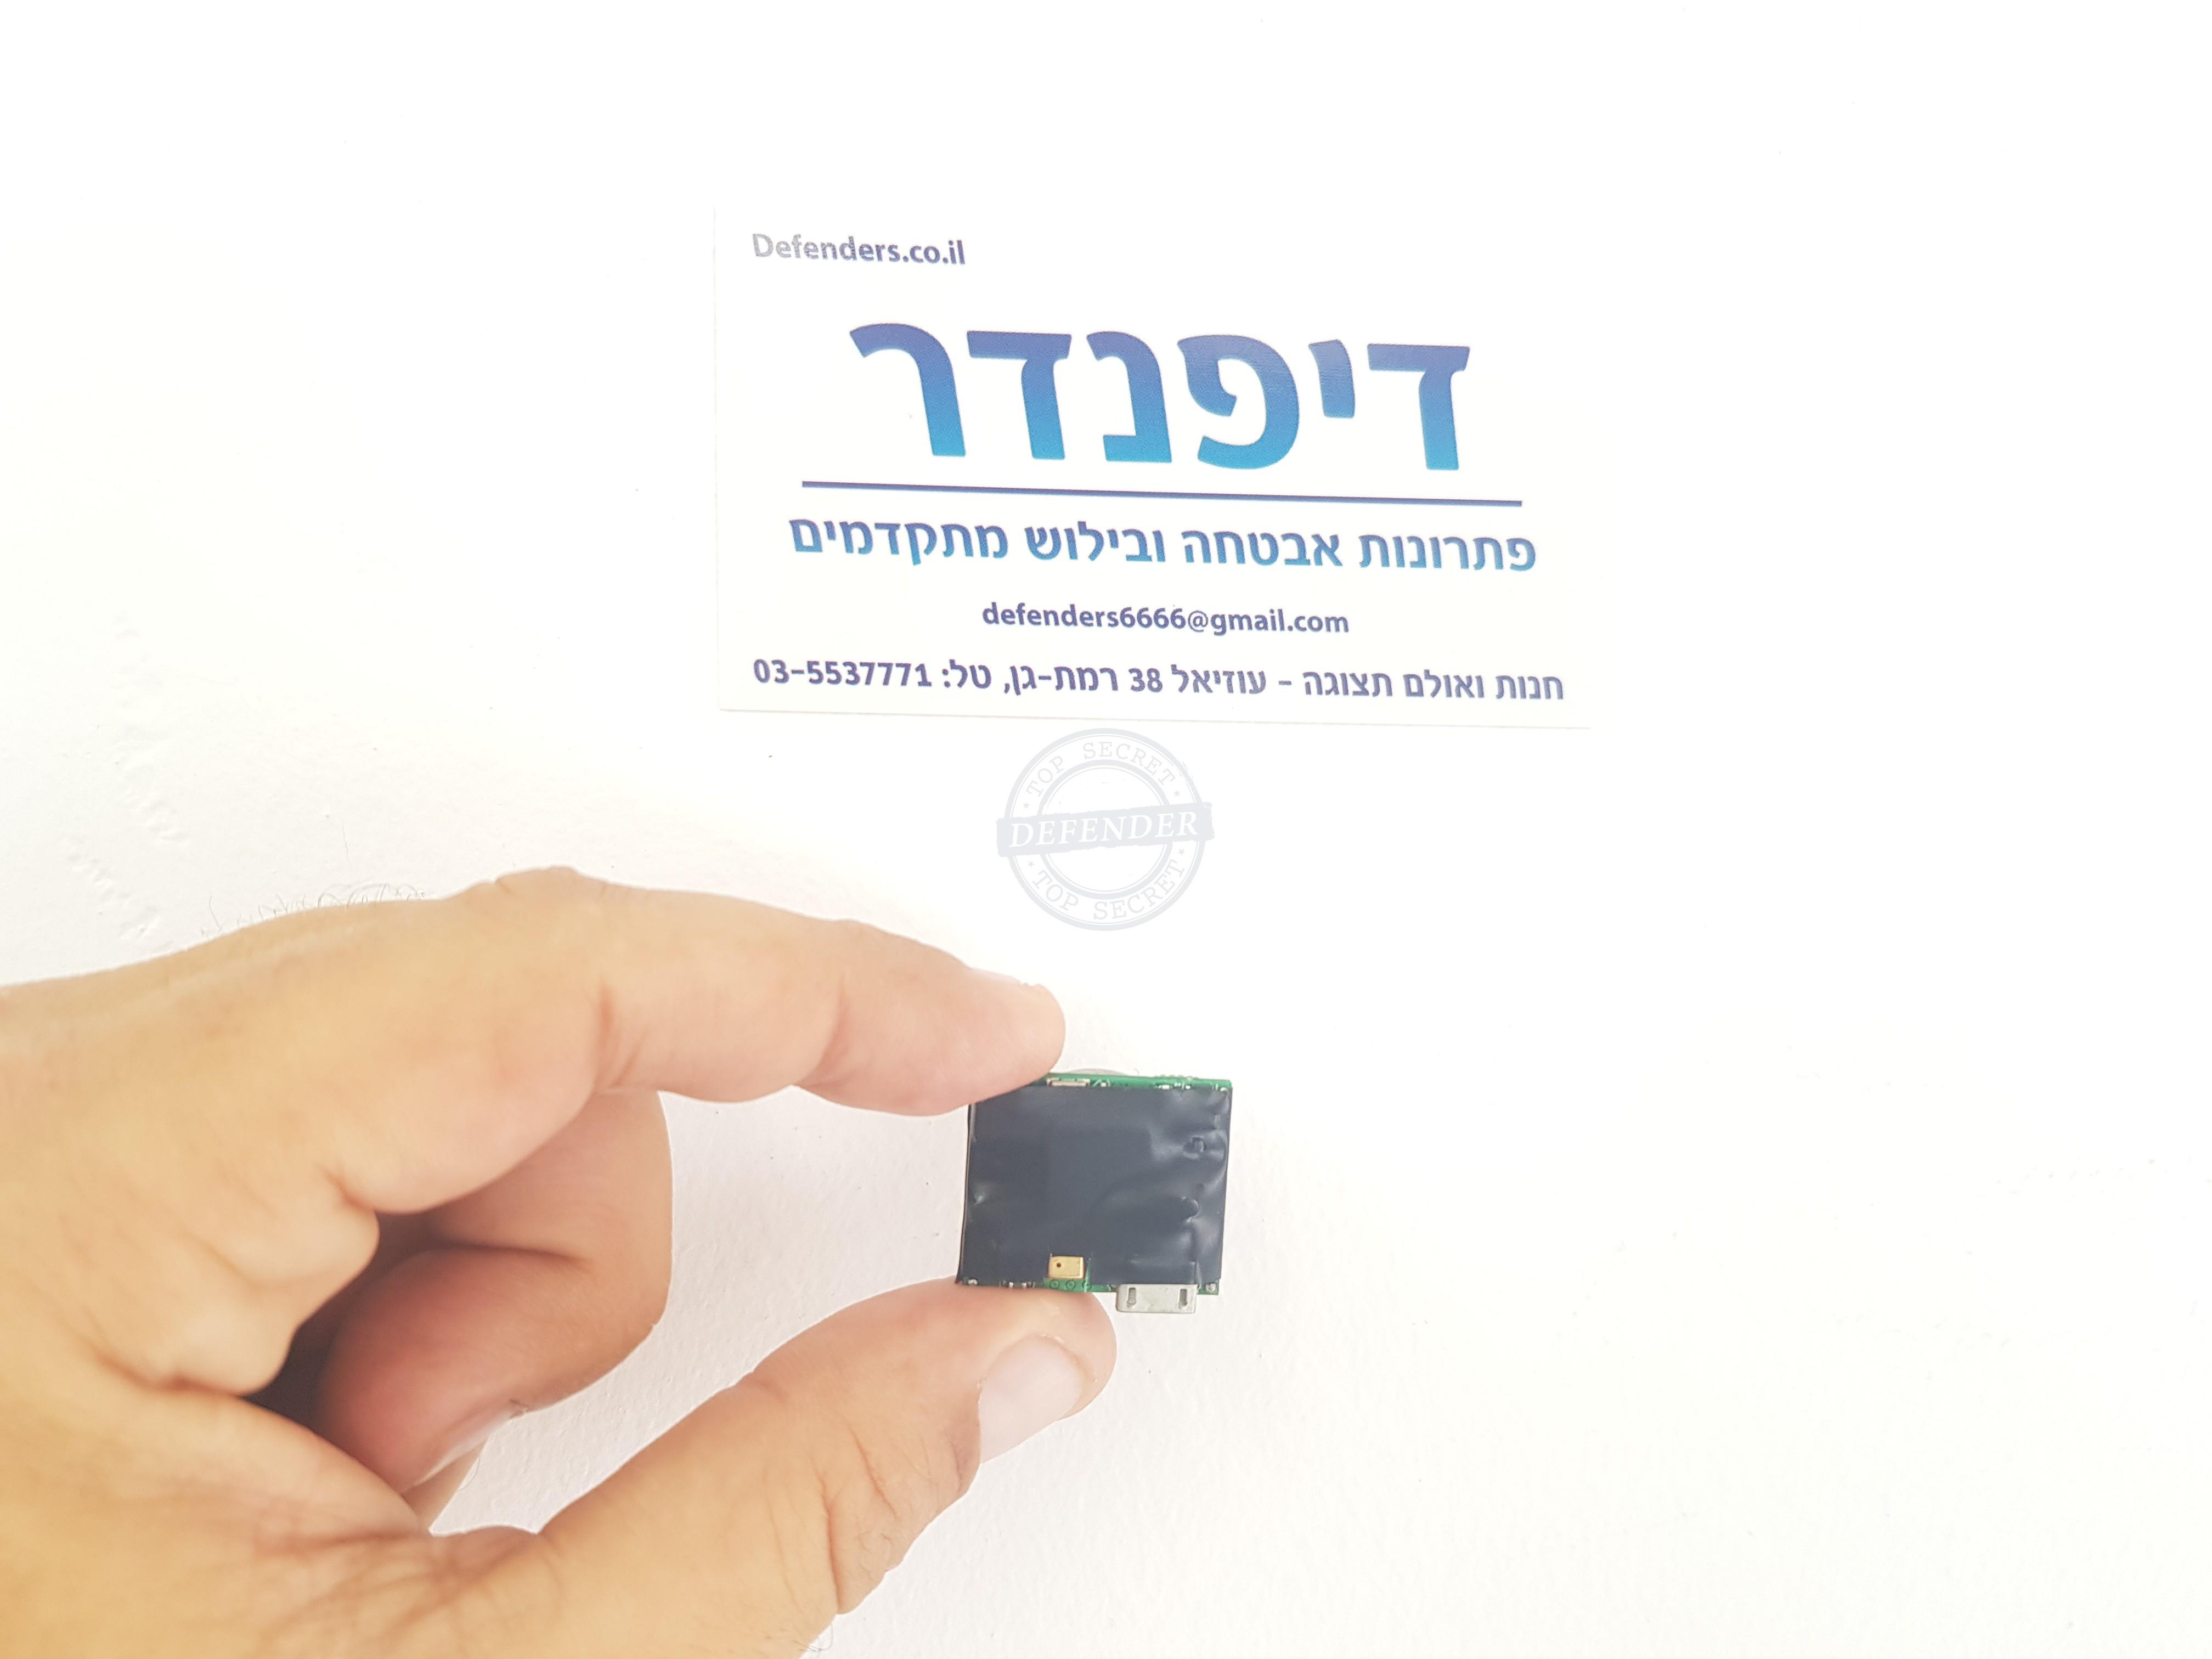 מכשיר הקלטה הזעיר בעולם עם חיישן קול DR906